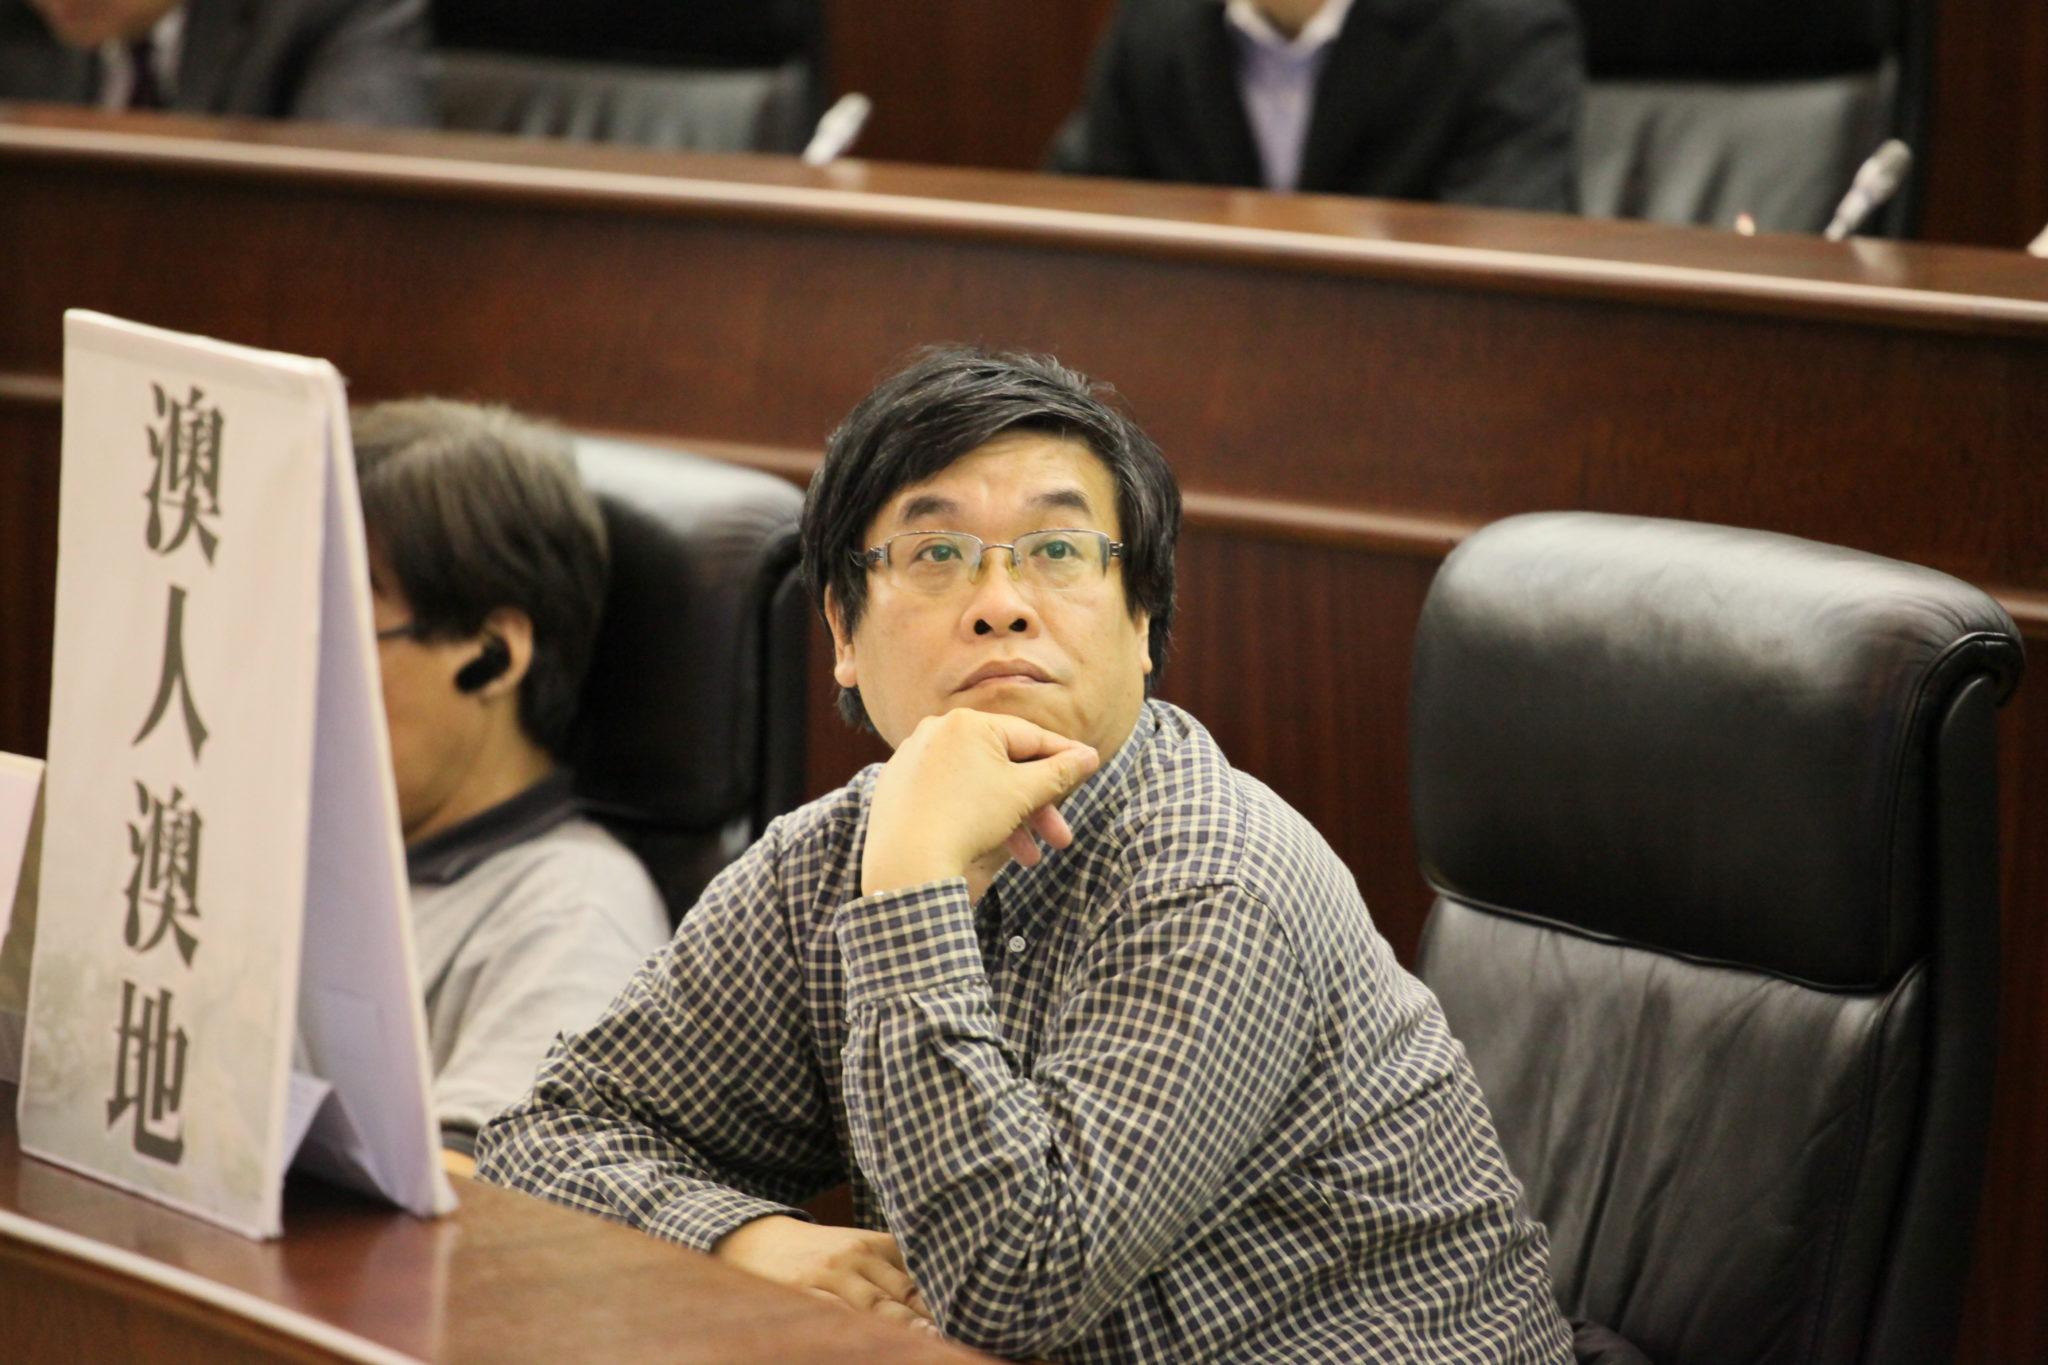 Sufrágio Universal | Ng Kuok Cheong quer que Governo ouça a população